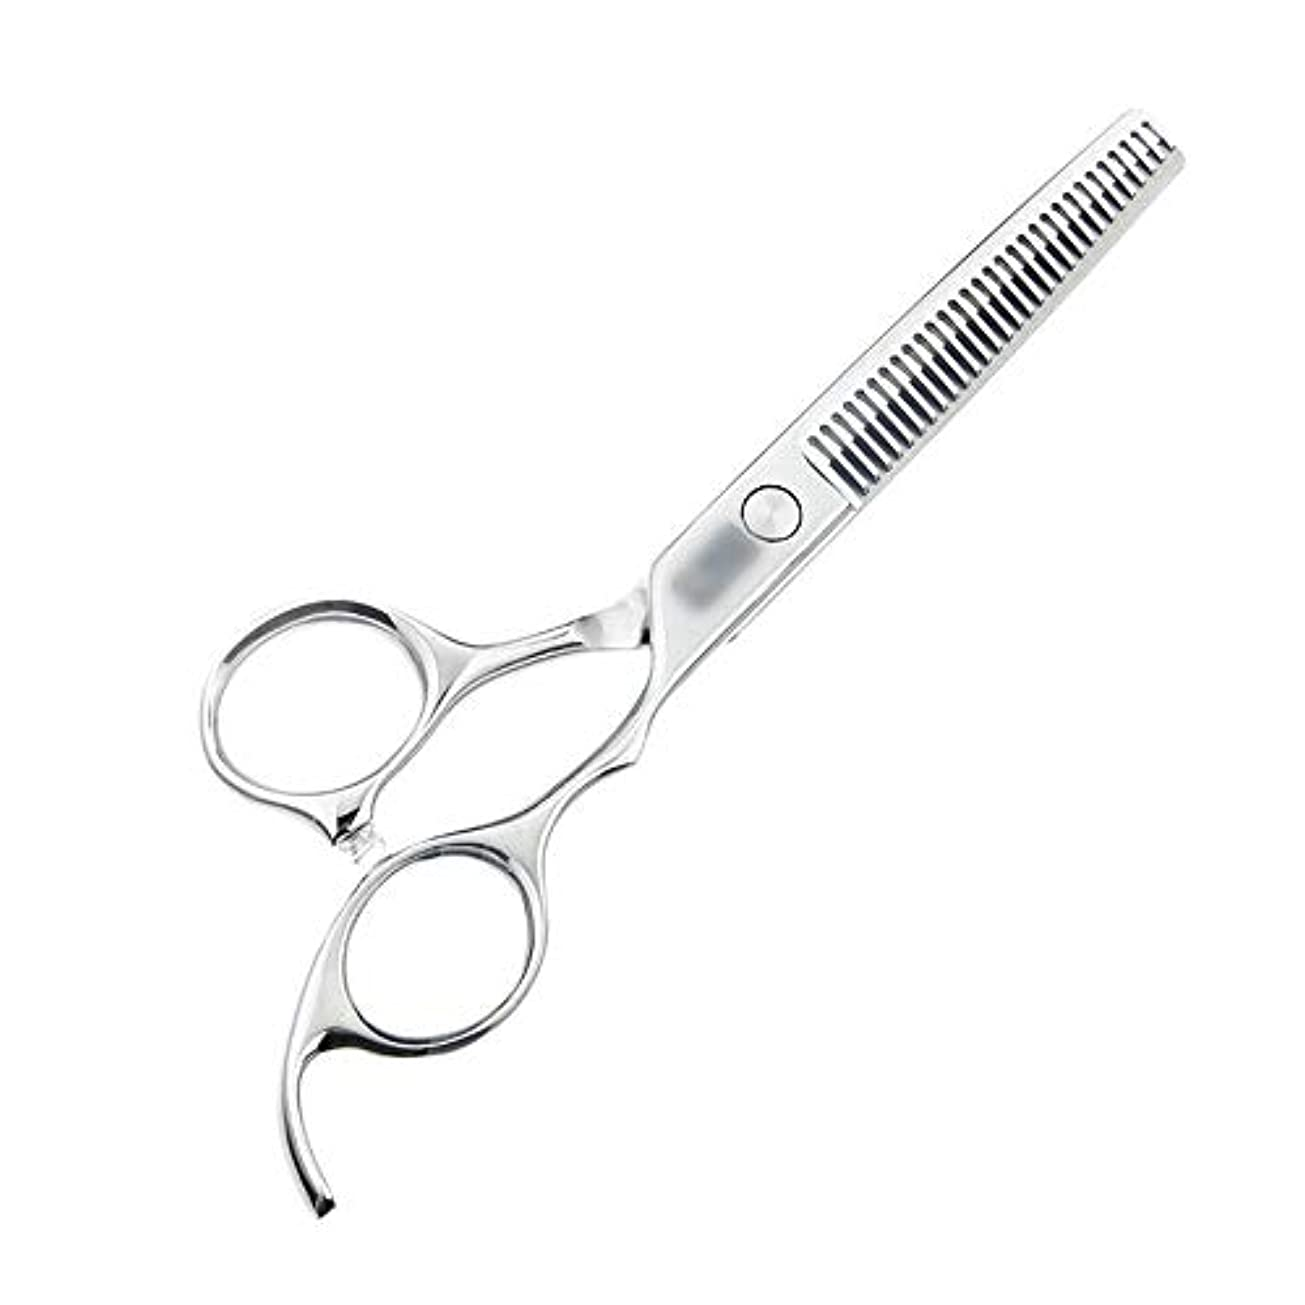 フォアタイプ破壊放射するJiaoran 6インチハイグレード440C理髪はさみ、歯の切断、間伐とカットの髪はさみ、美容院プロの理髪はさみ (Color : Silver)